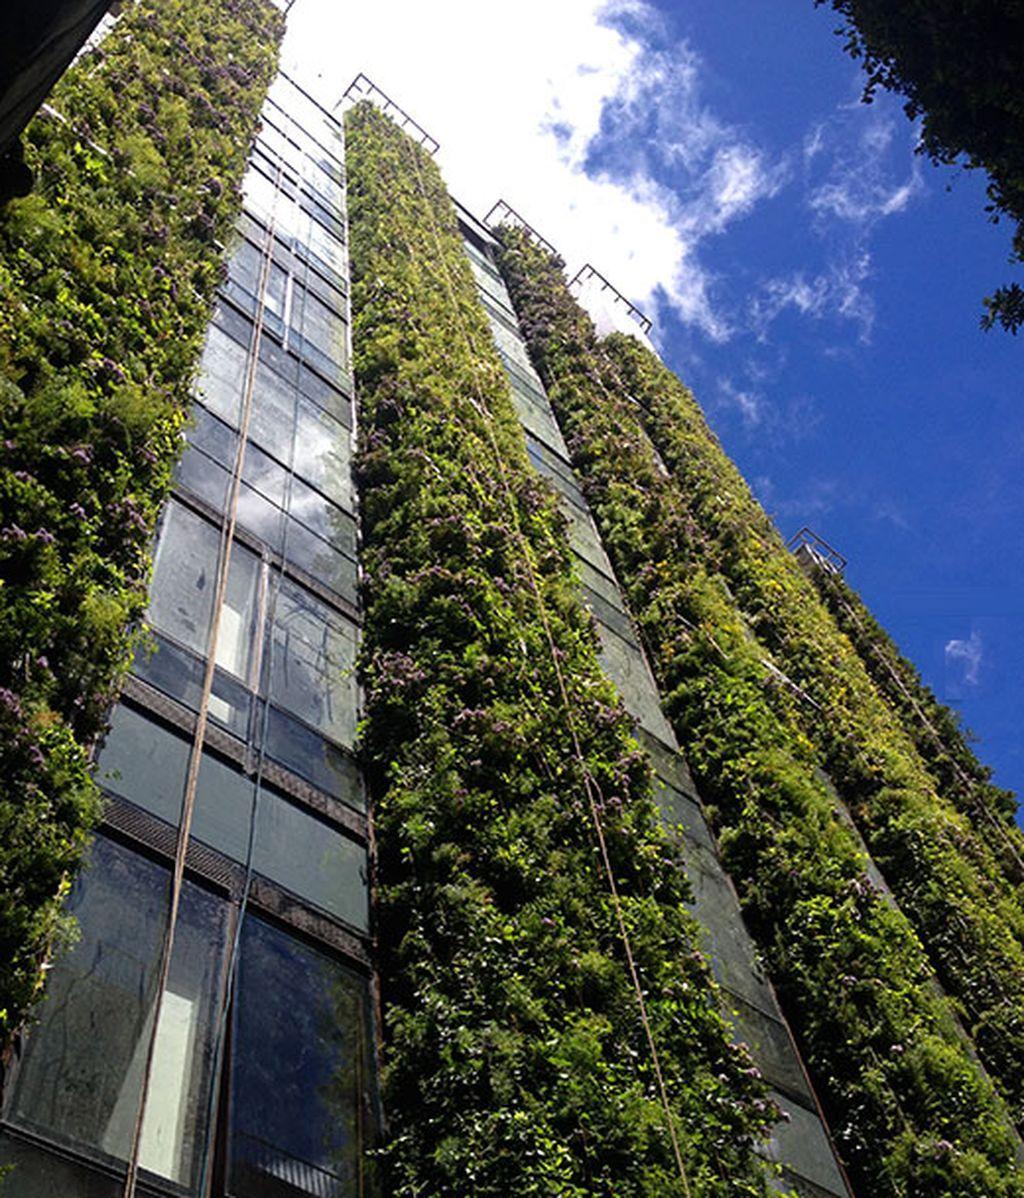 jardin-vertical-mas-grande-del-mundo